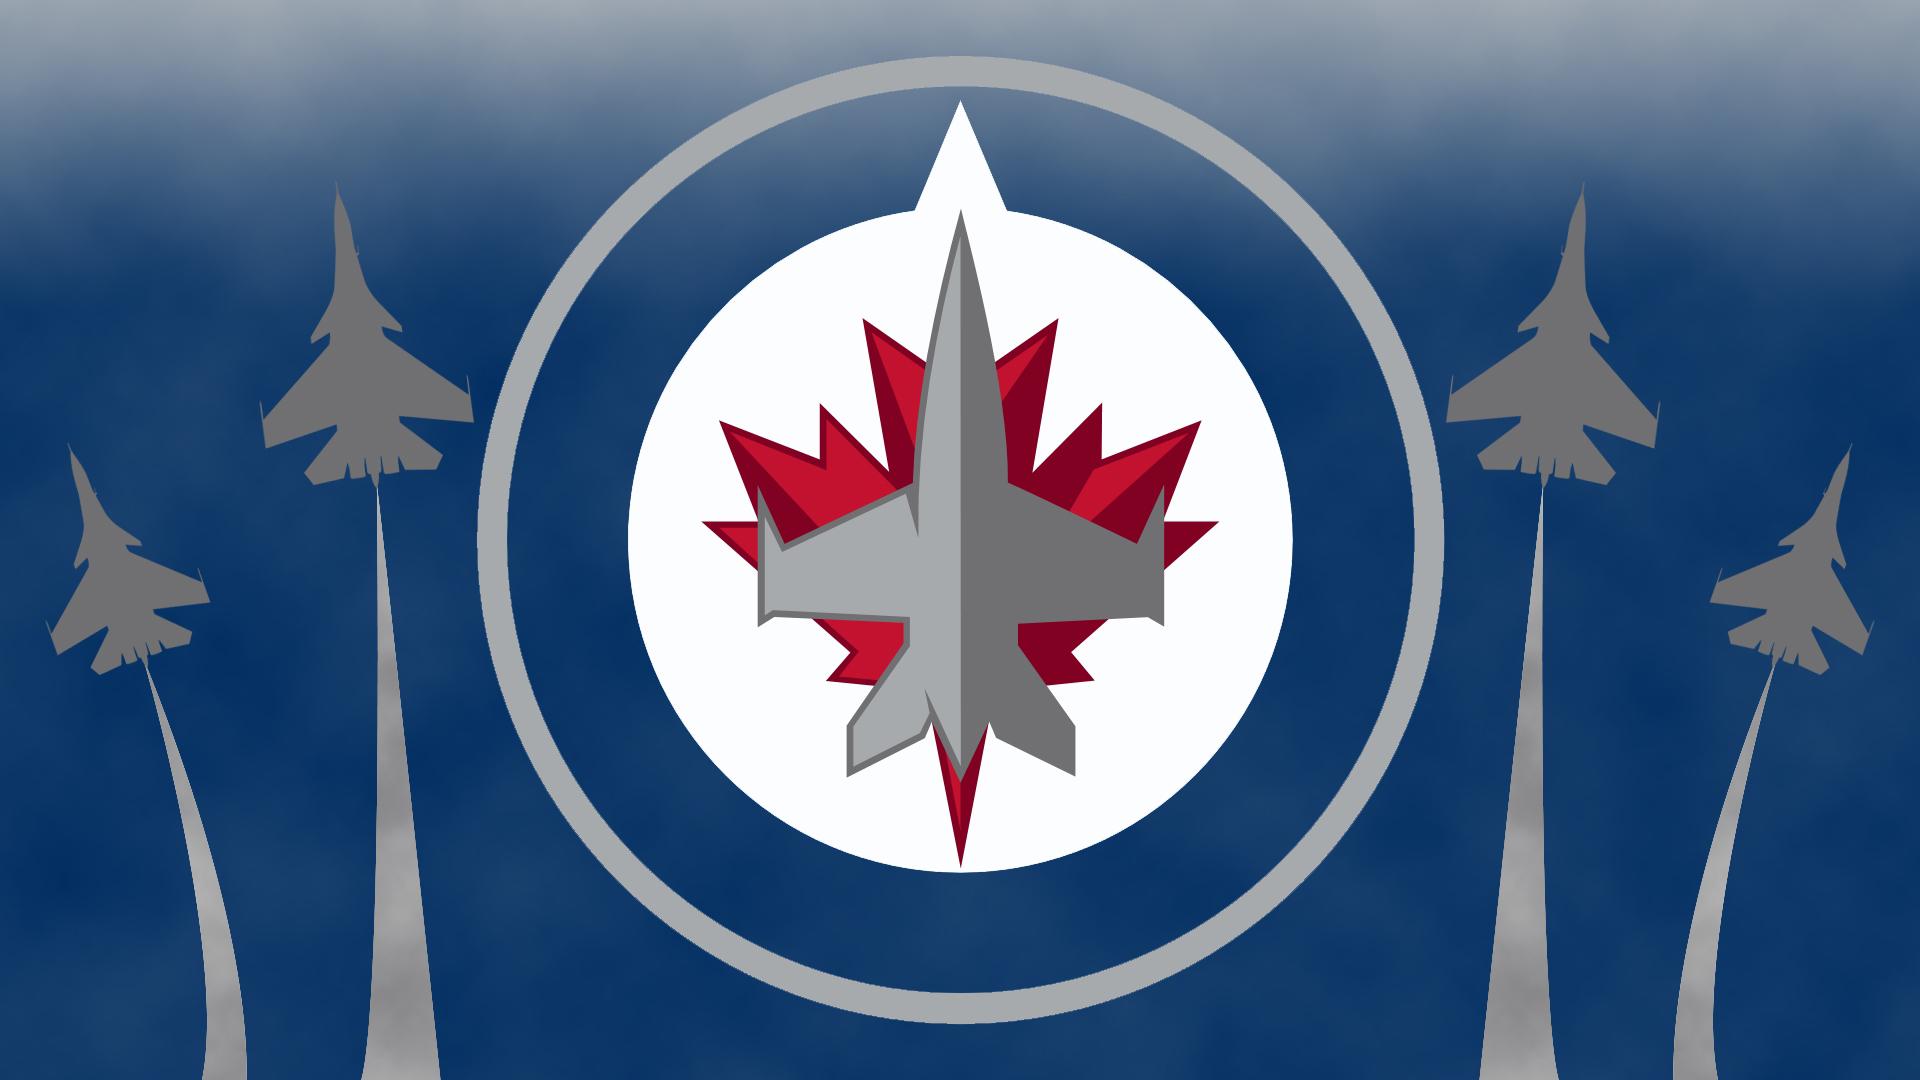 Winnipeg Jets New Logo wallpaper   561377 1920x1080